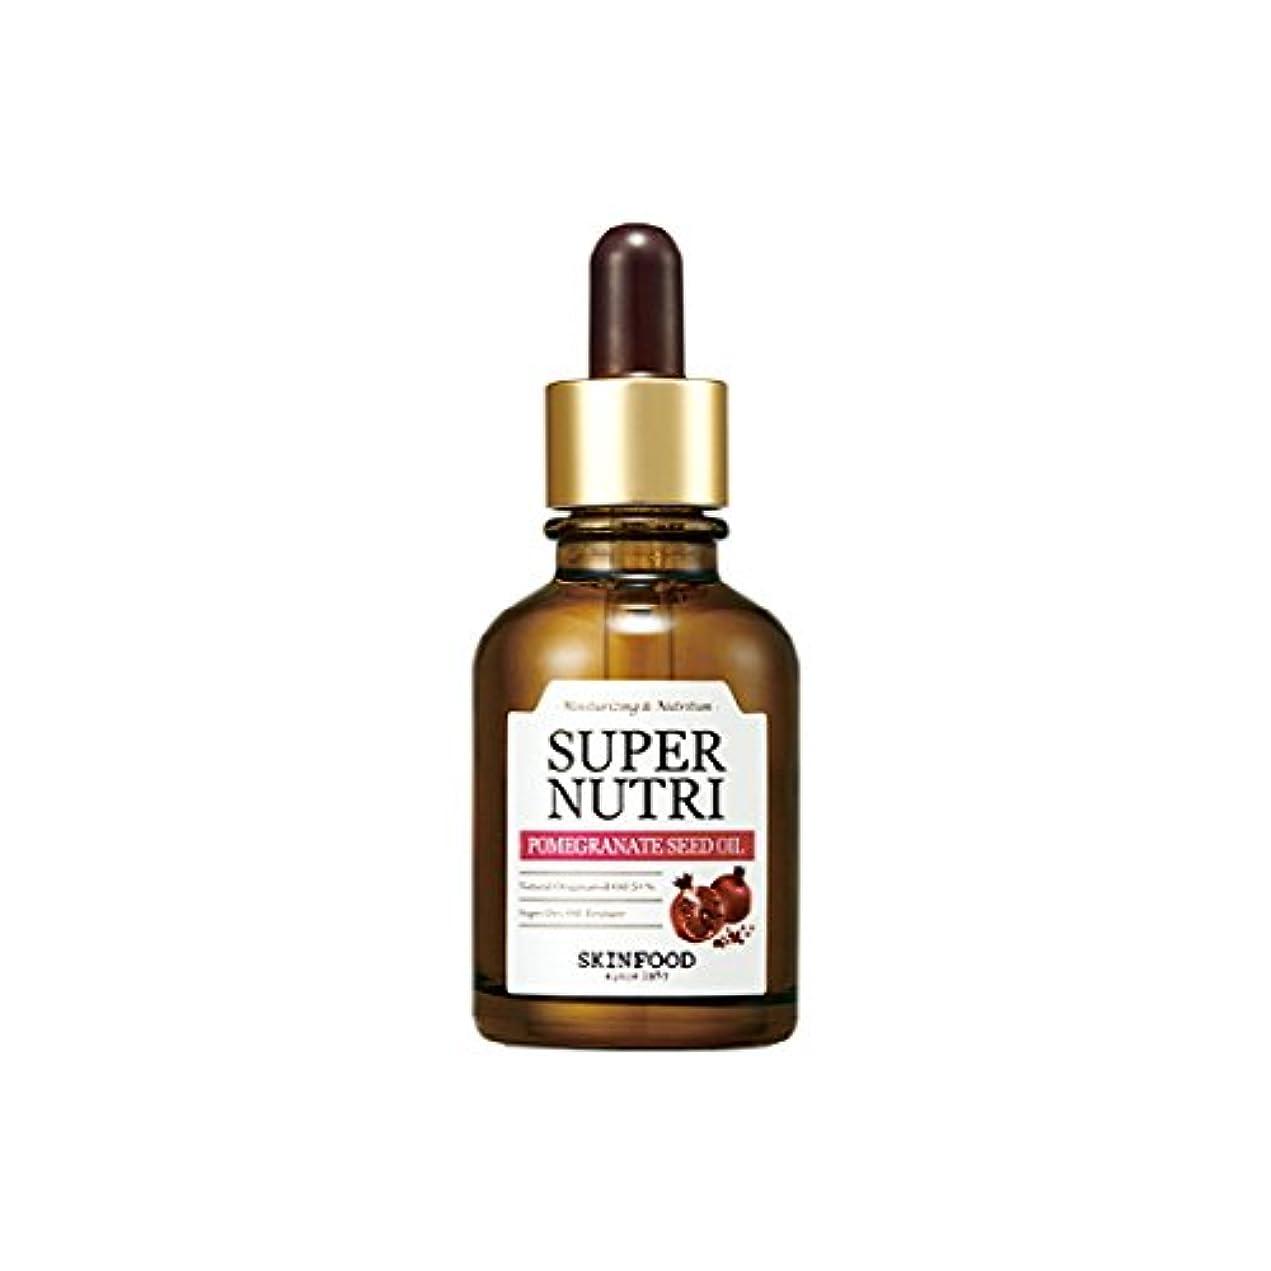 リットルシーズン抑制するSkinfood スーパーニュートリザクロ種子油/Super Nutri Pomegranate Seed Oil 30ml [並行輸入品]